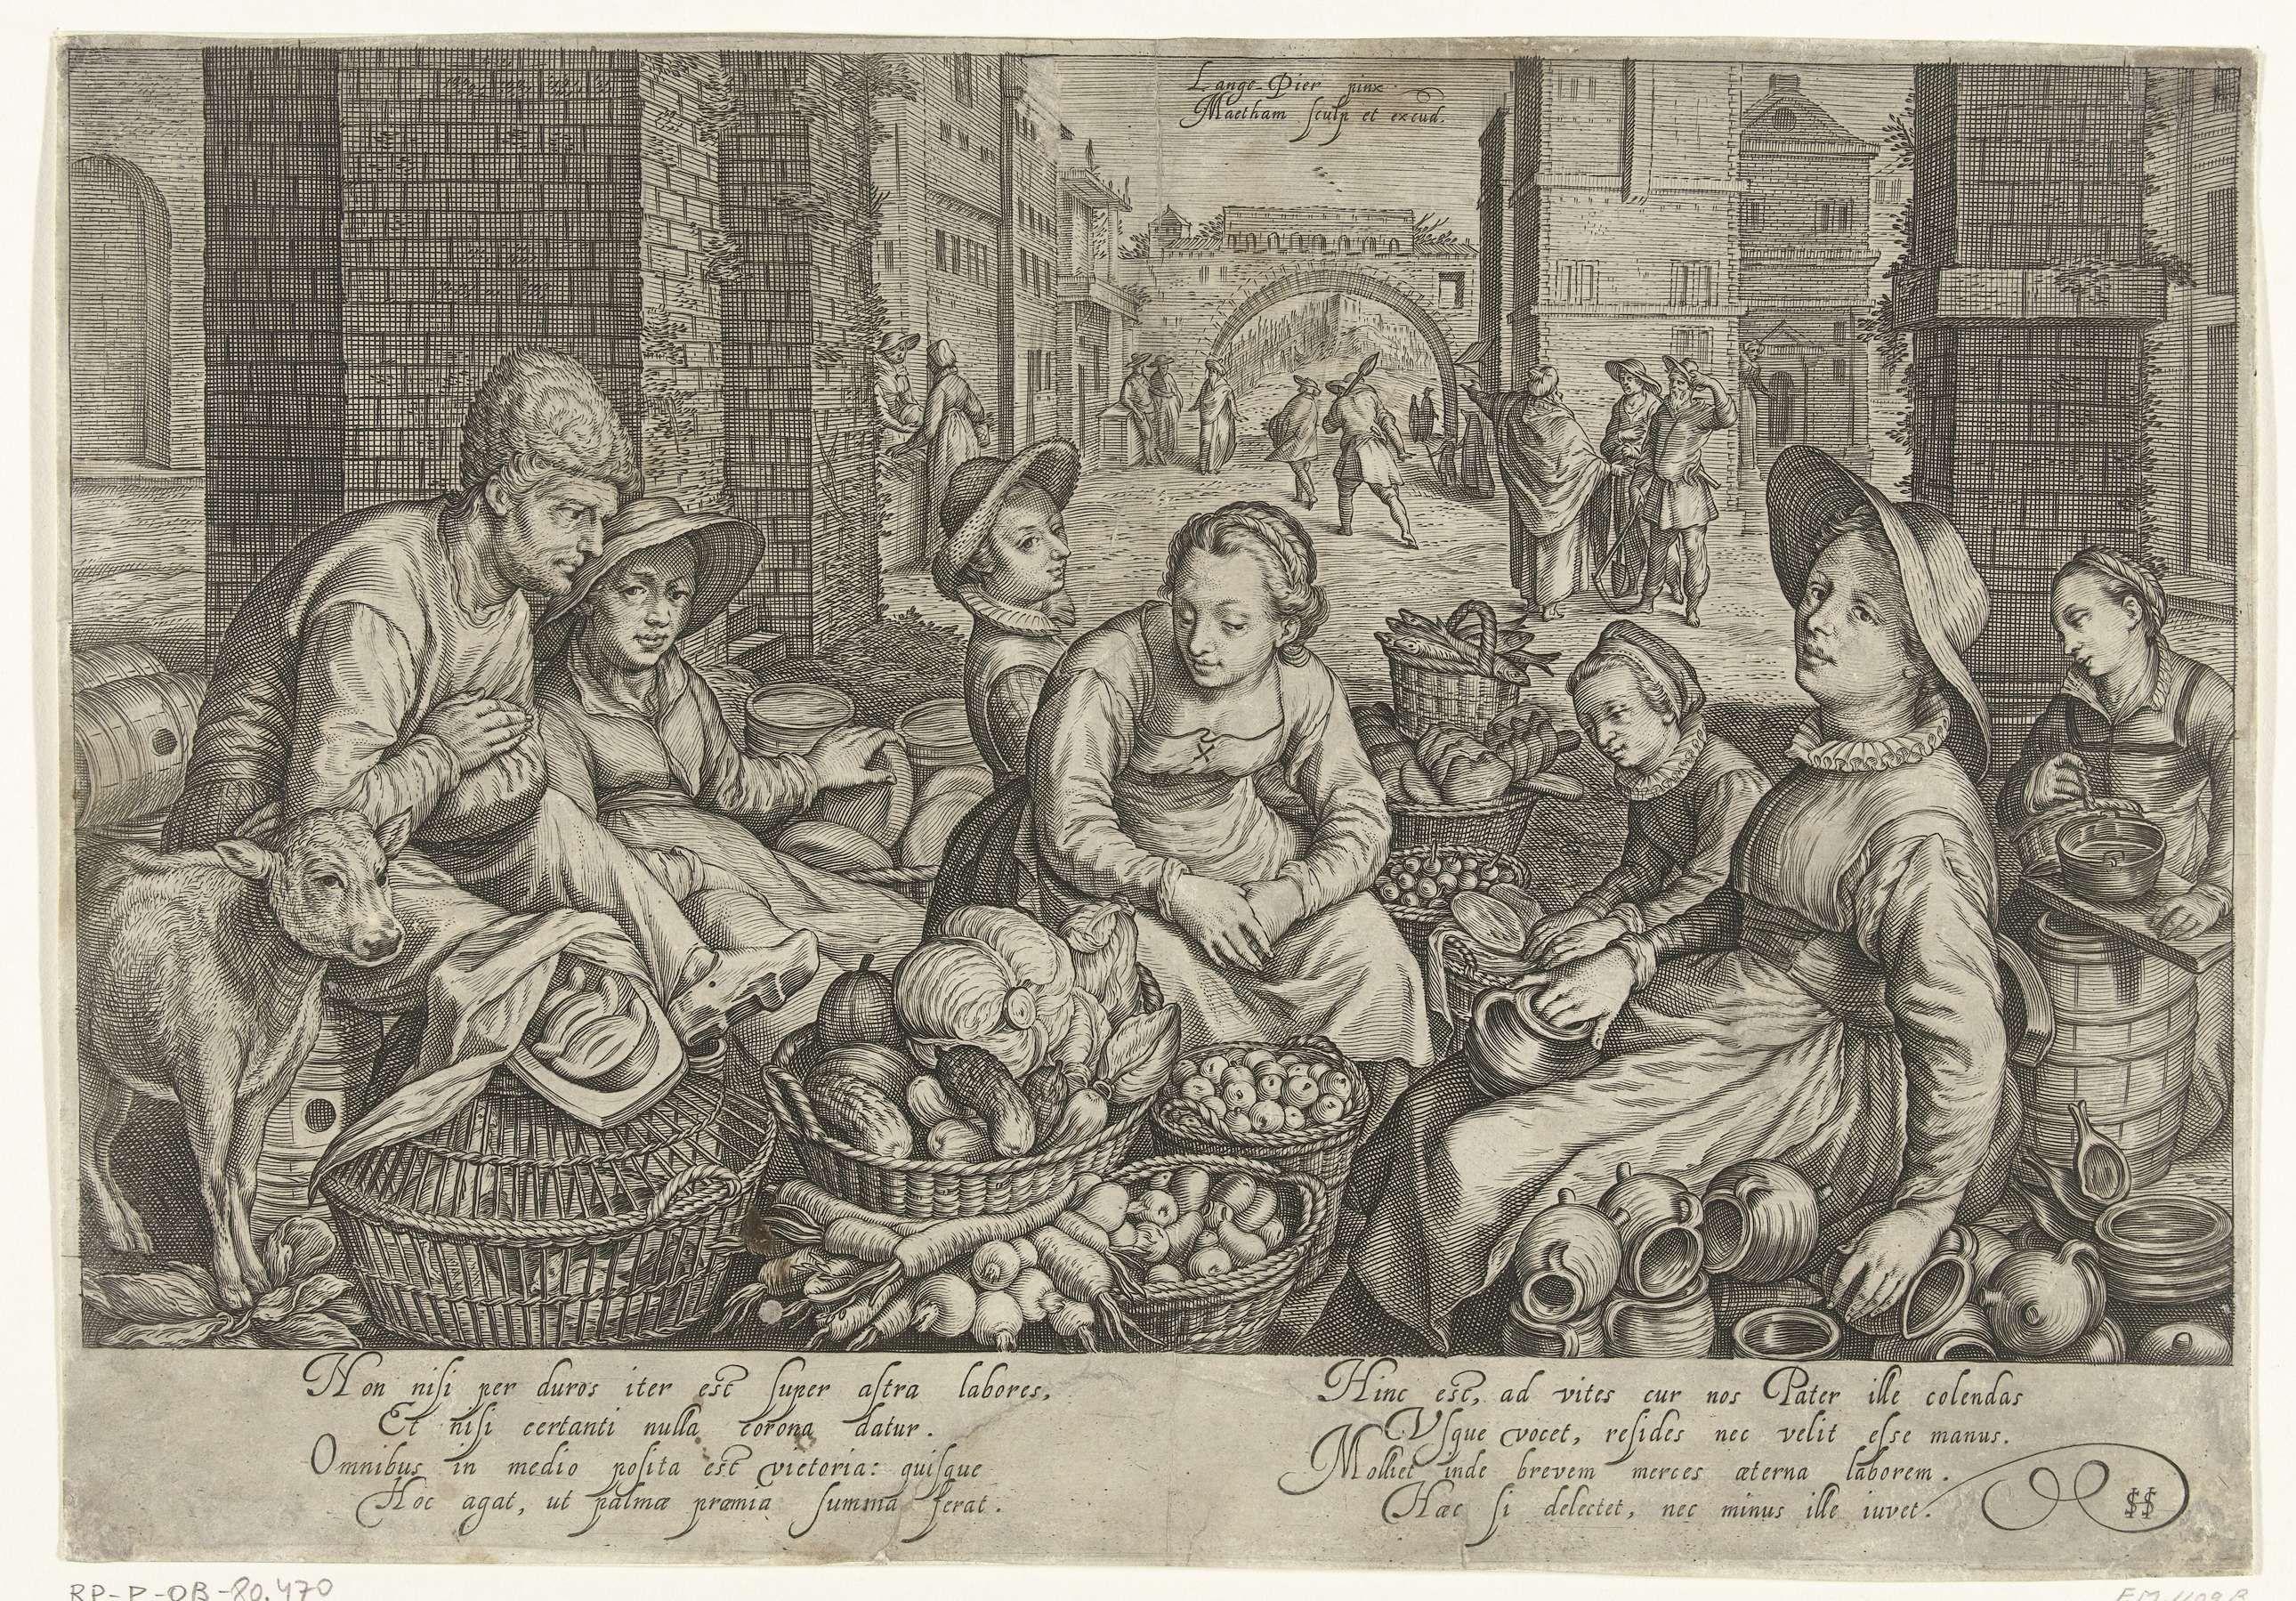 Jacob Matham | Marktscène met in de achtergrond de parabel van de arbeiders in de wijngaard, ca. 1600, Jacob Matham, 1603 | Marktscène met marktvrouwen en verkopers van groenten, kaas, gevogelte, brood, boter en aardewerk, links een kalfje. Scène in een stad. Op de achtergrond de parabel van de arbeiders in de wijngaard. Met onderschrift van 2 verzen van elk 4 regels in het Latijn.